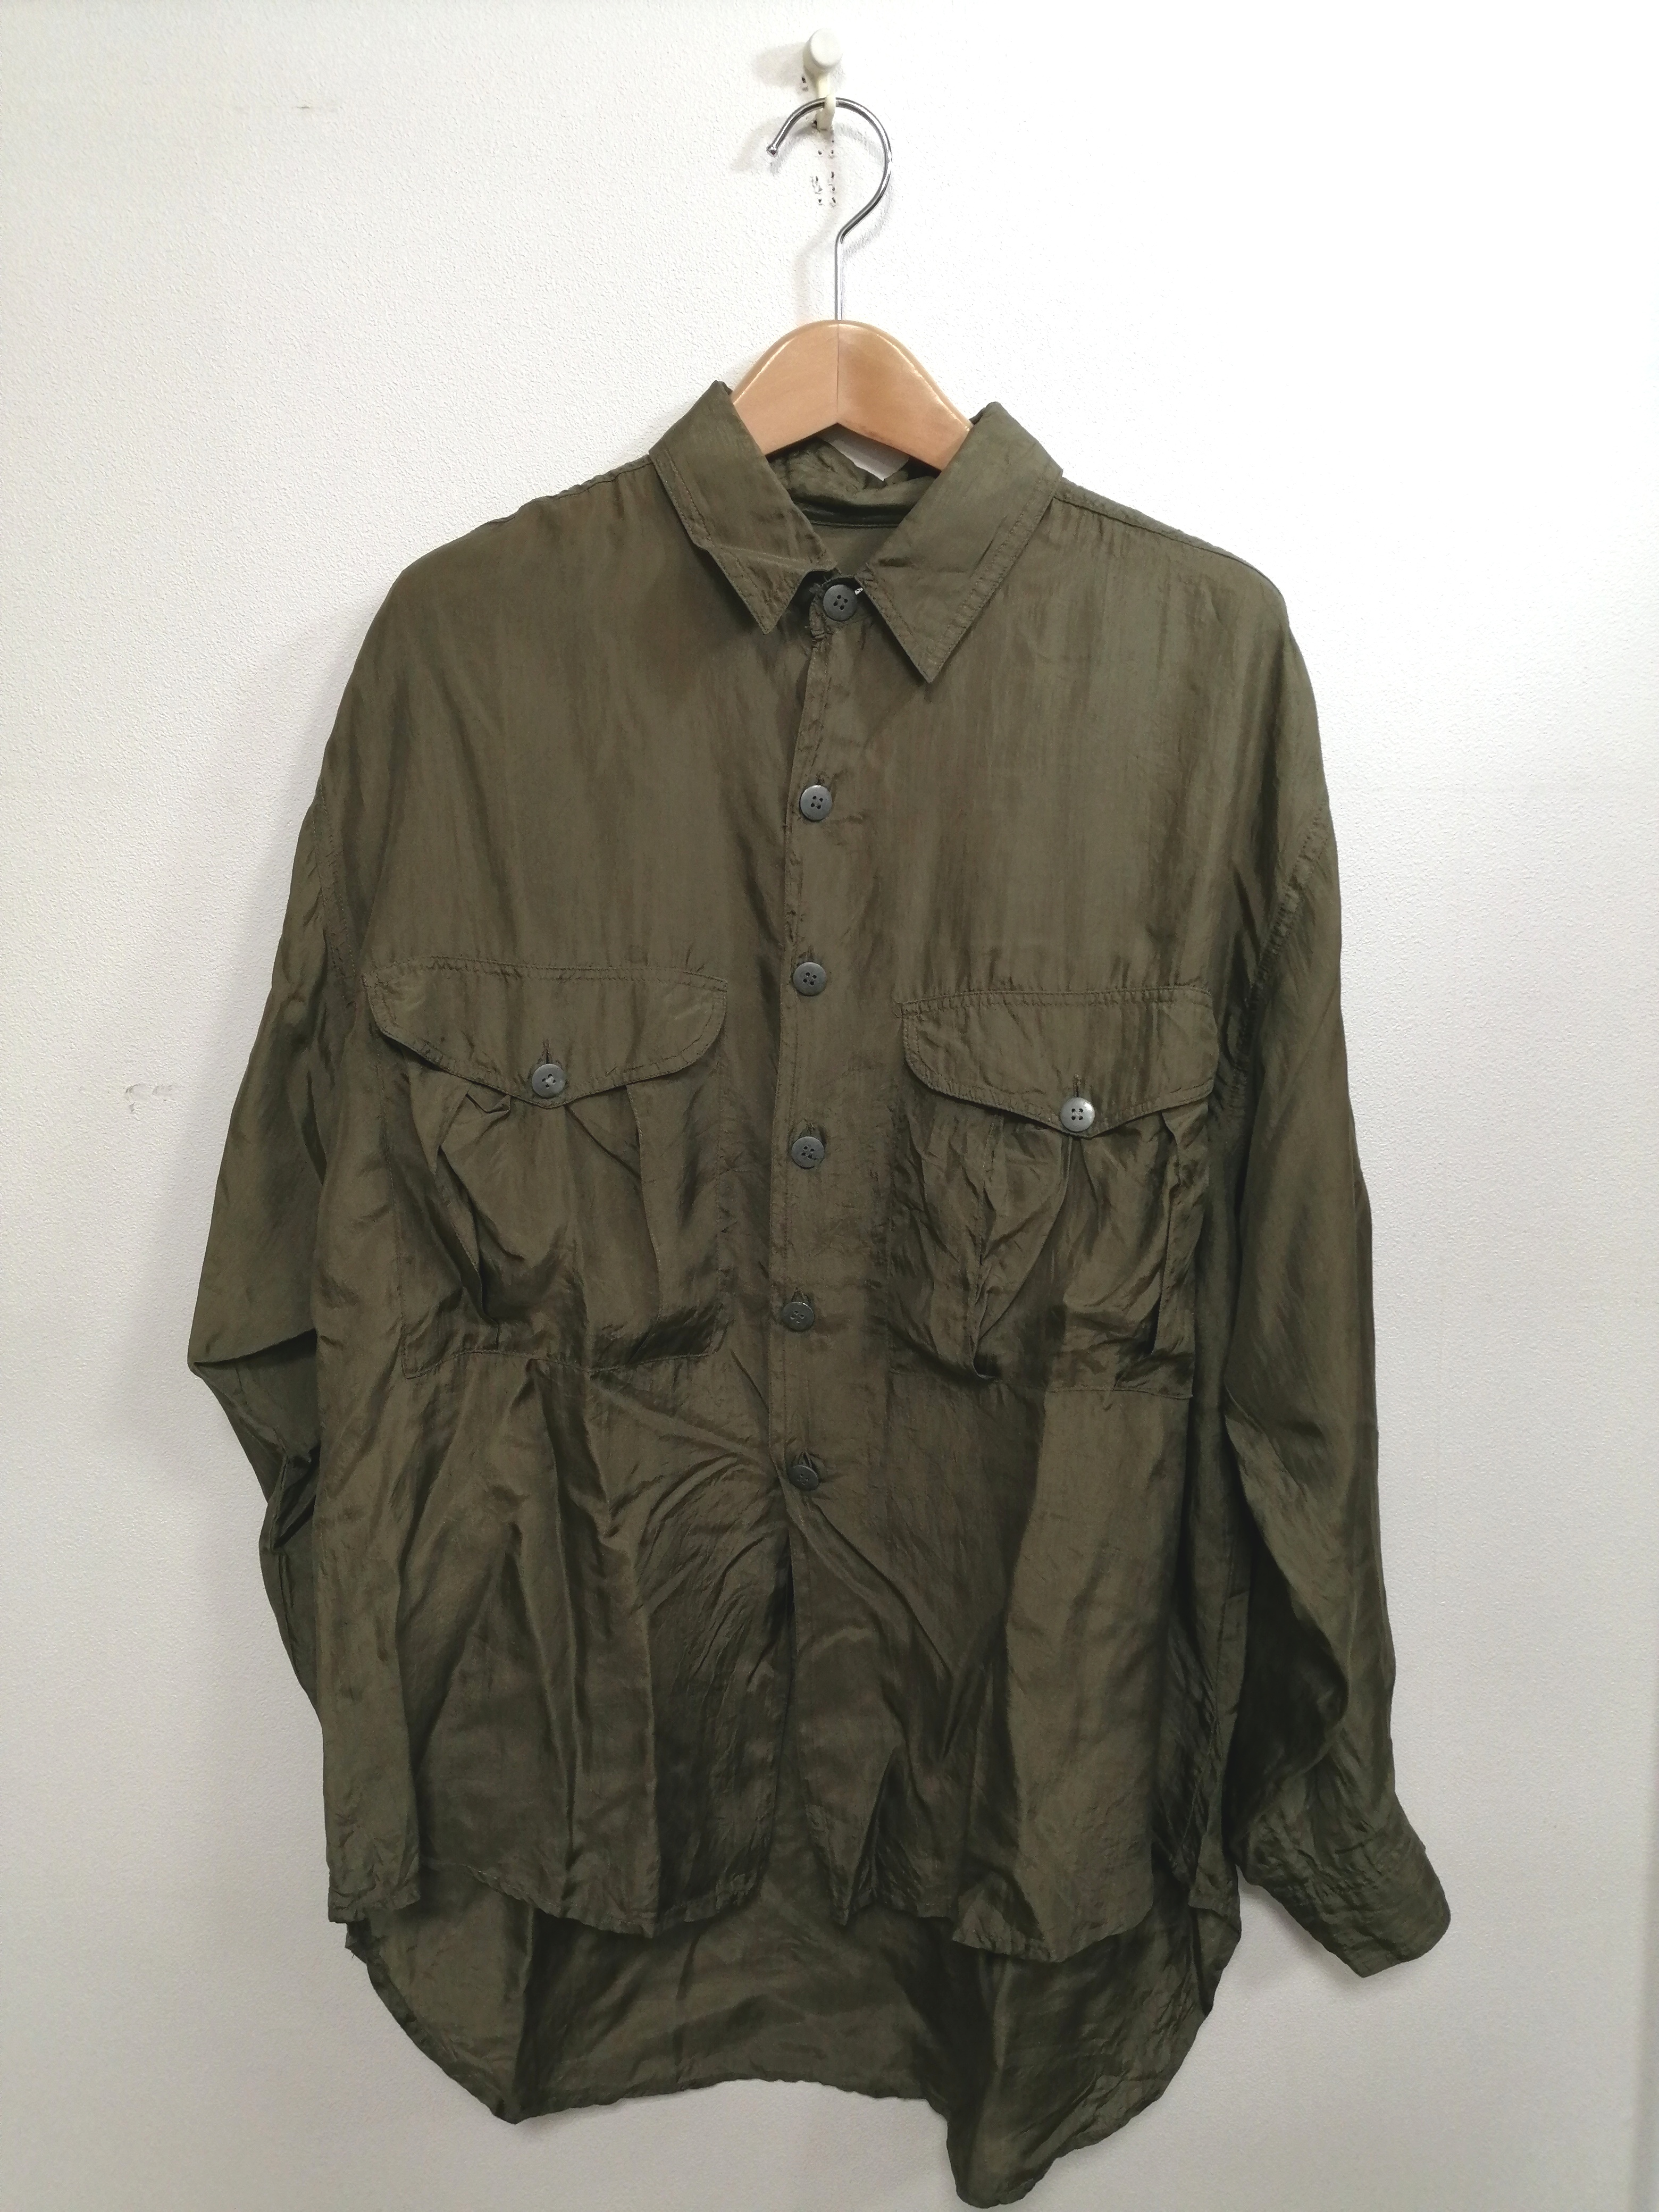 【ANDREW SPORT】シルクシャツ ANDREW SPORT